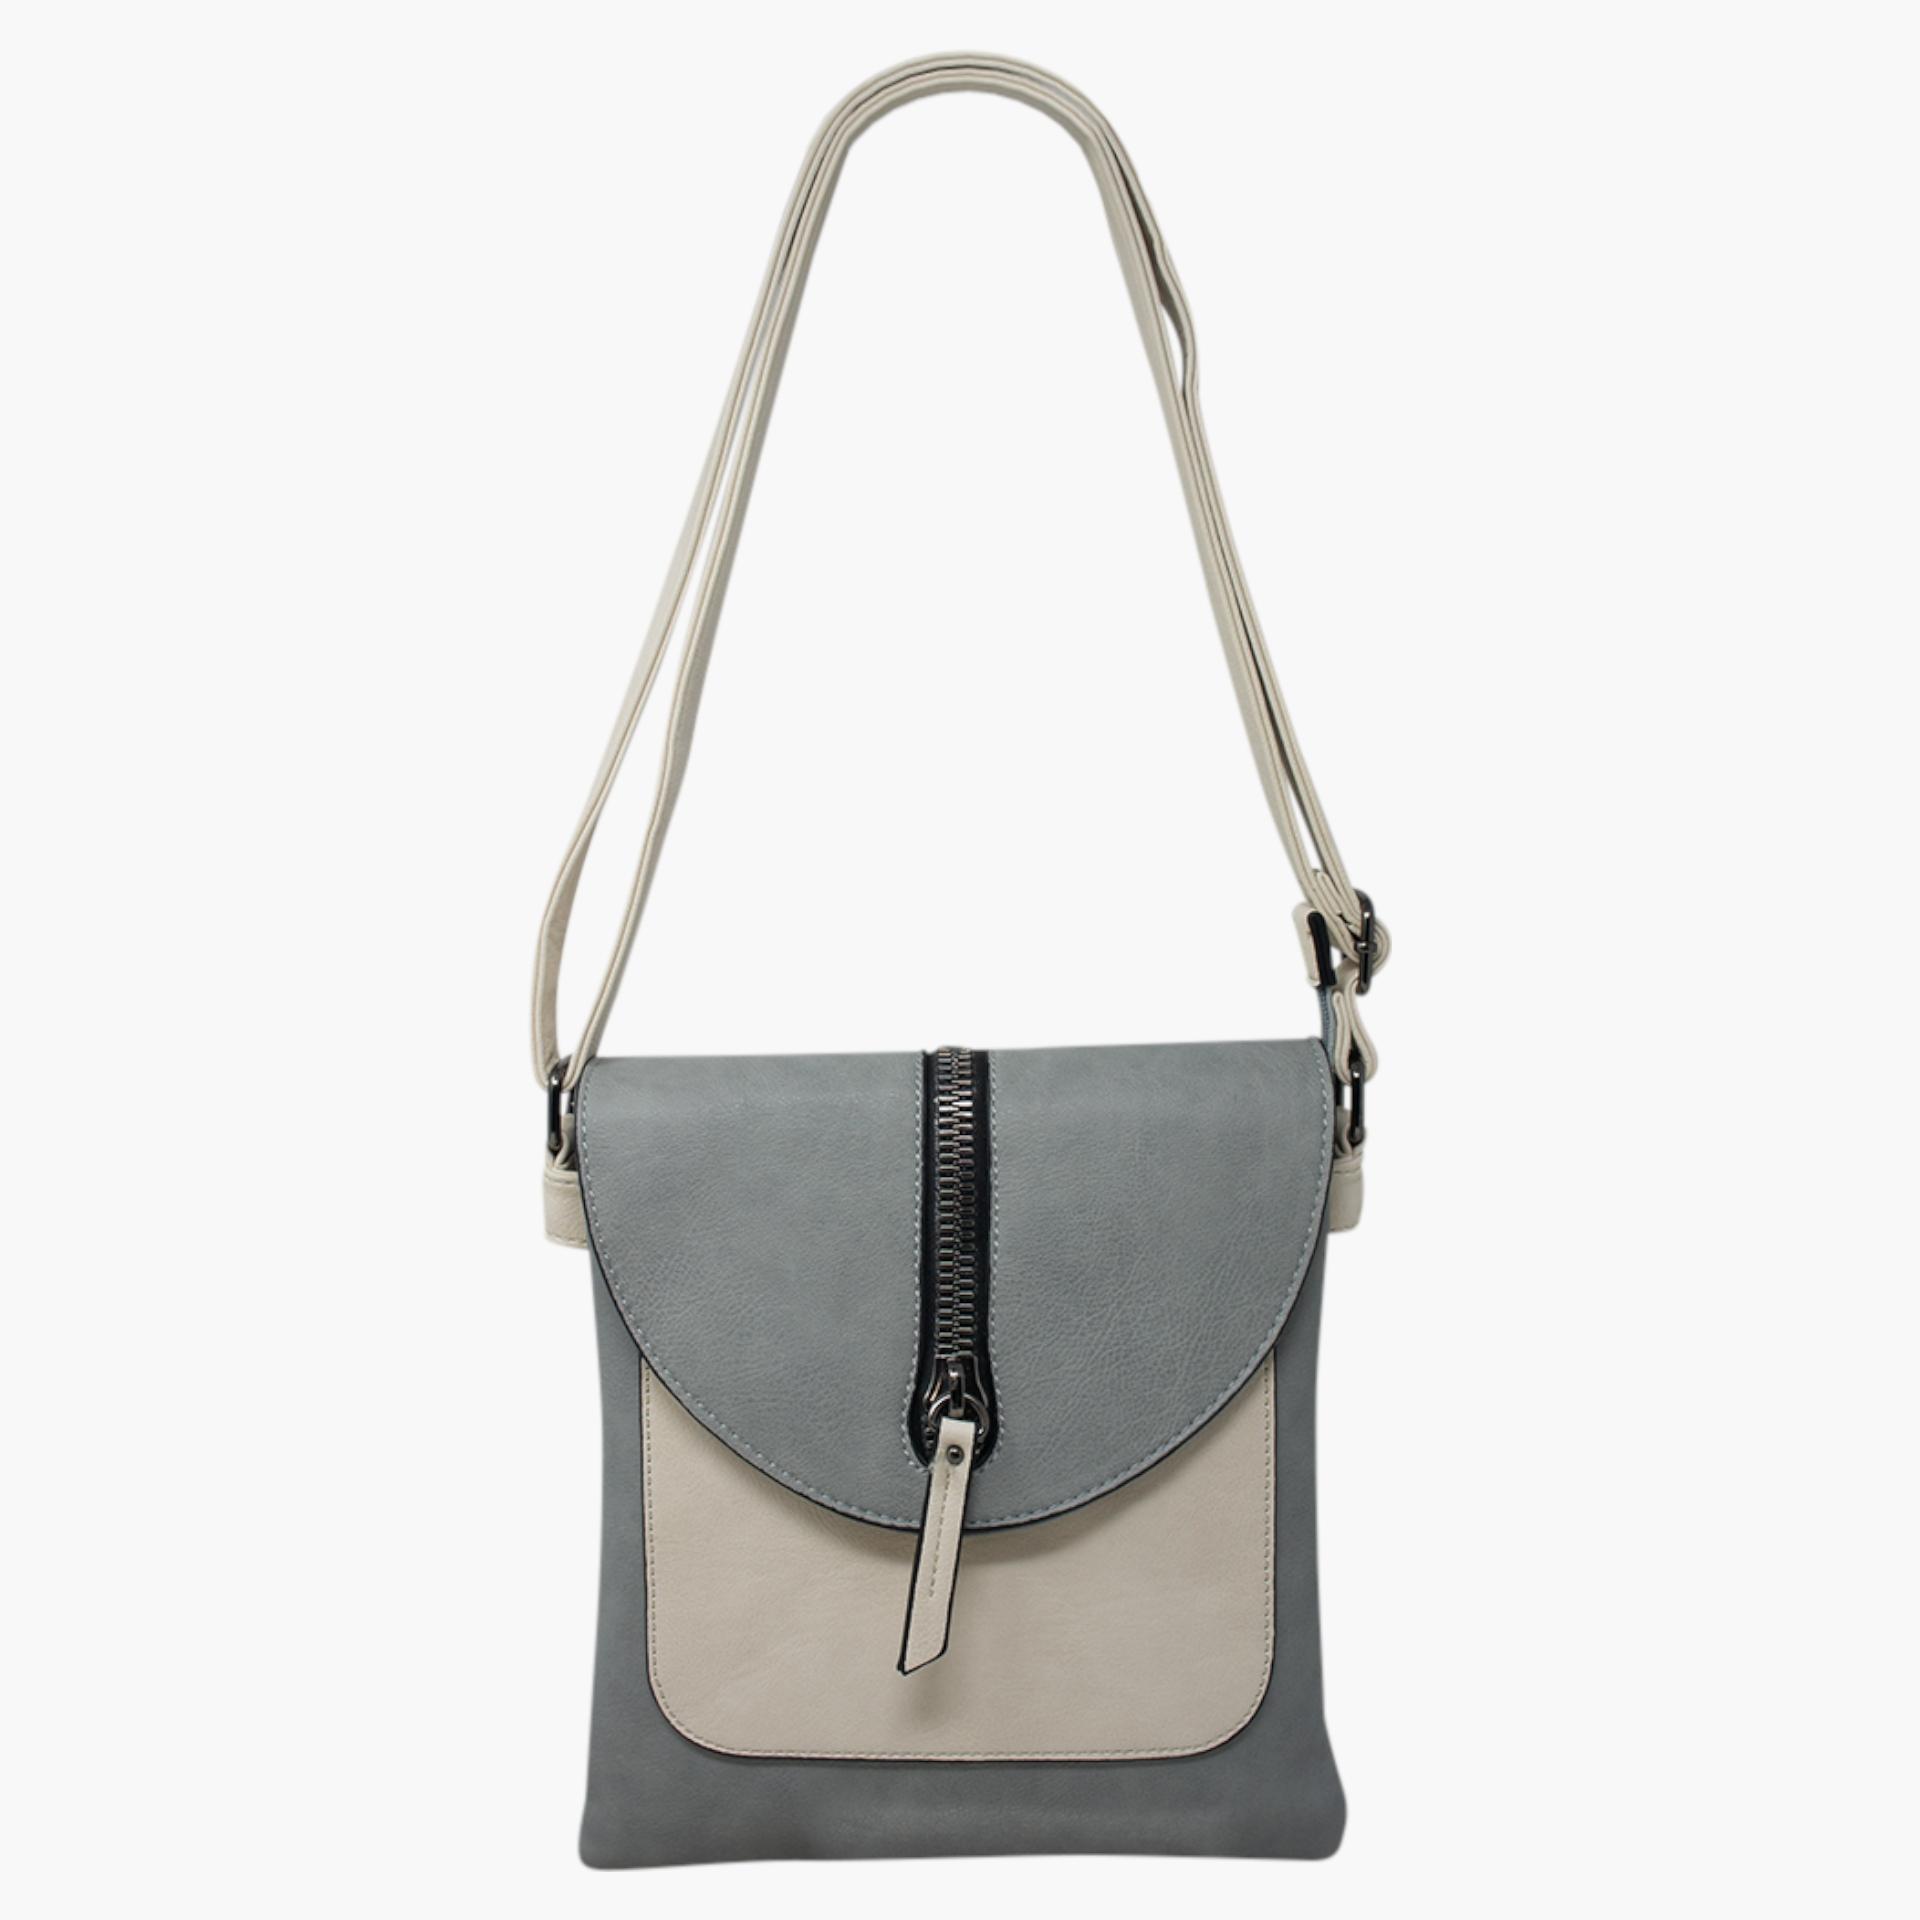 Cross Body Bag with Zip Detail - Grey/Cream